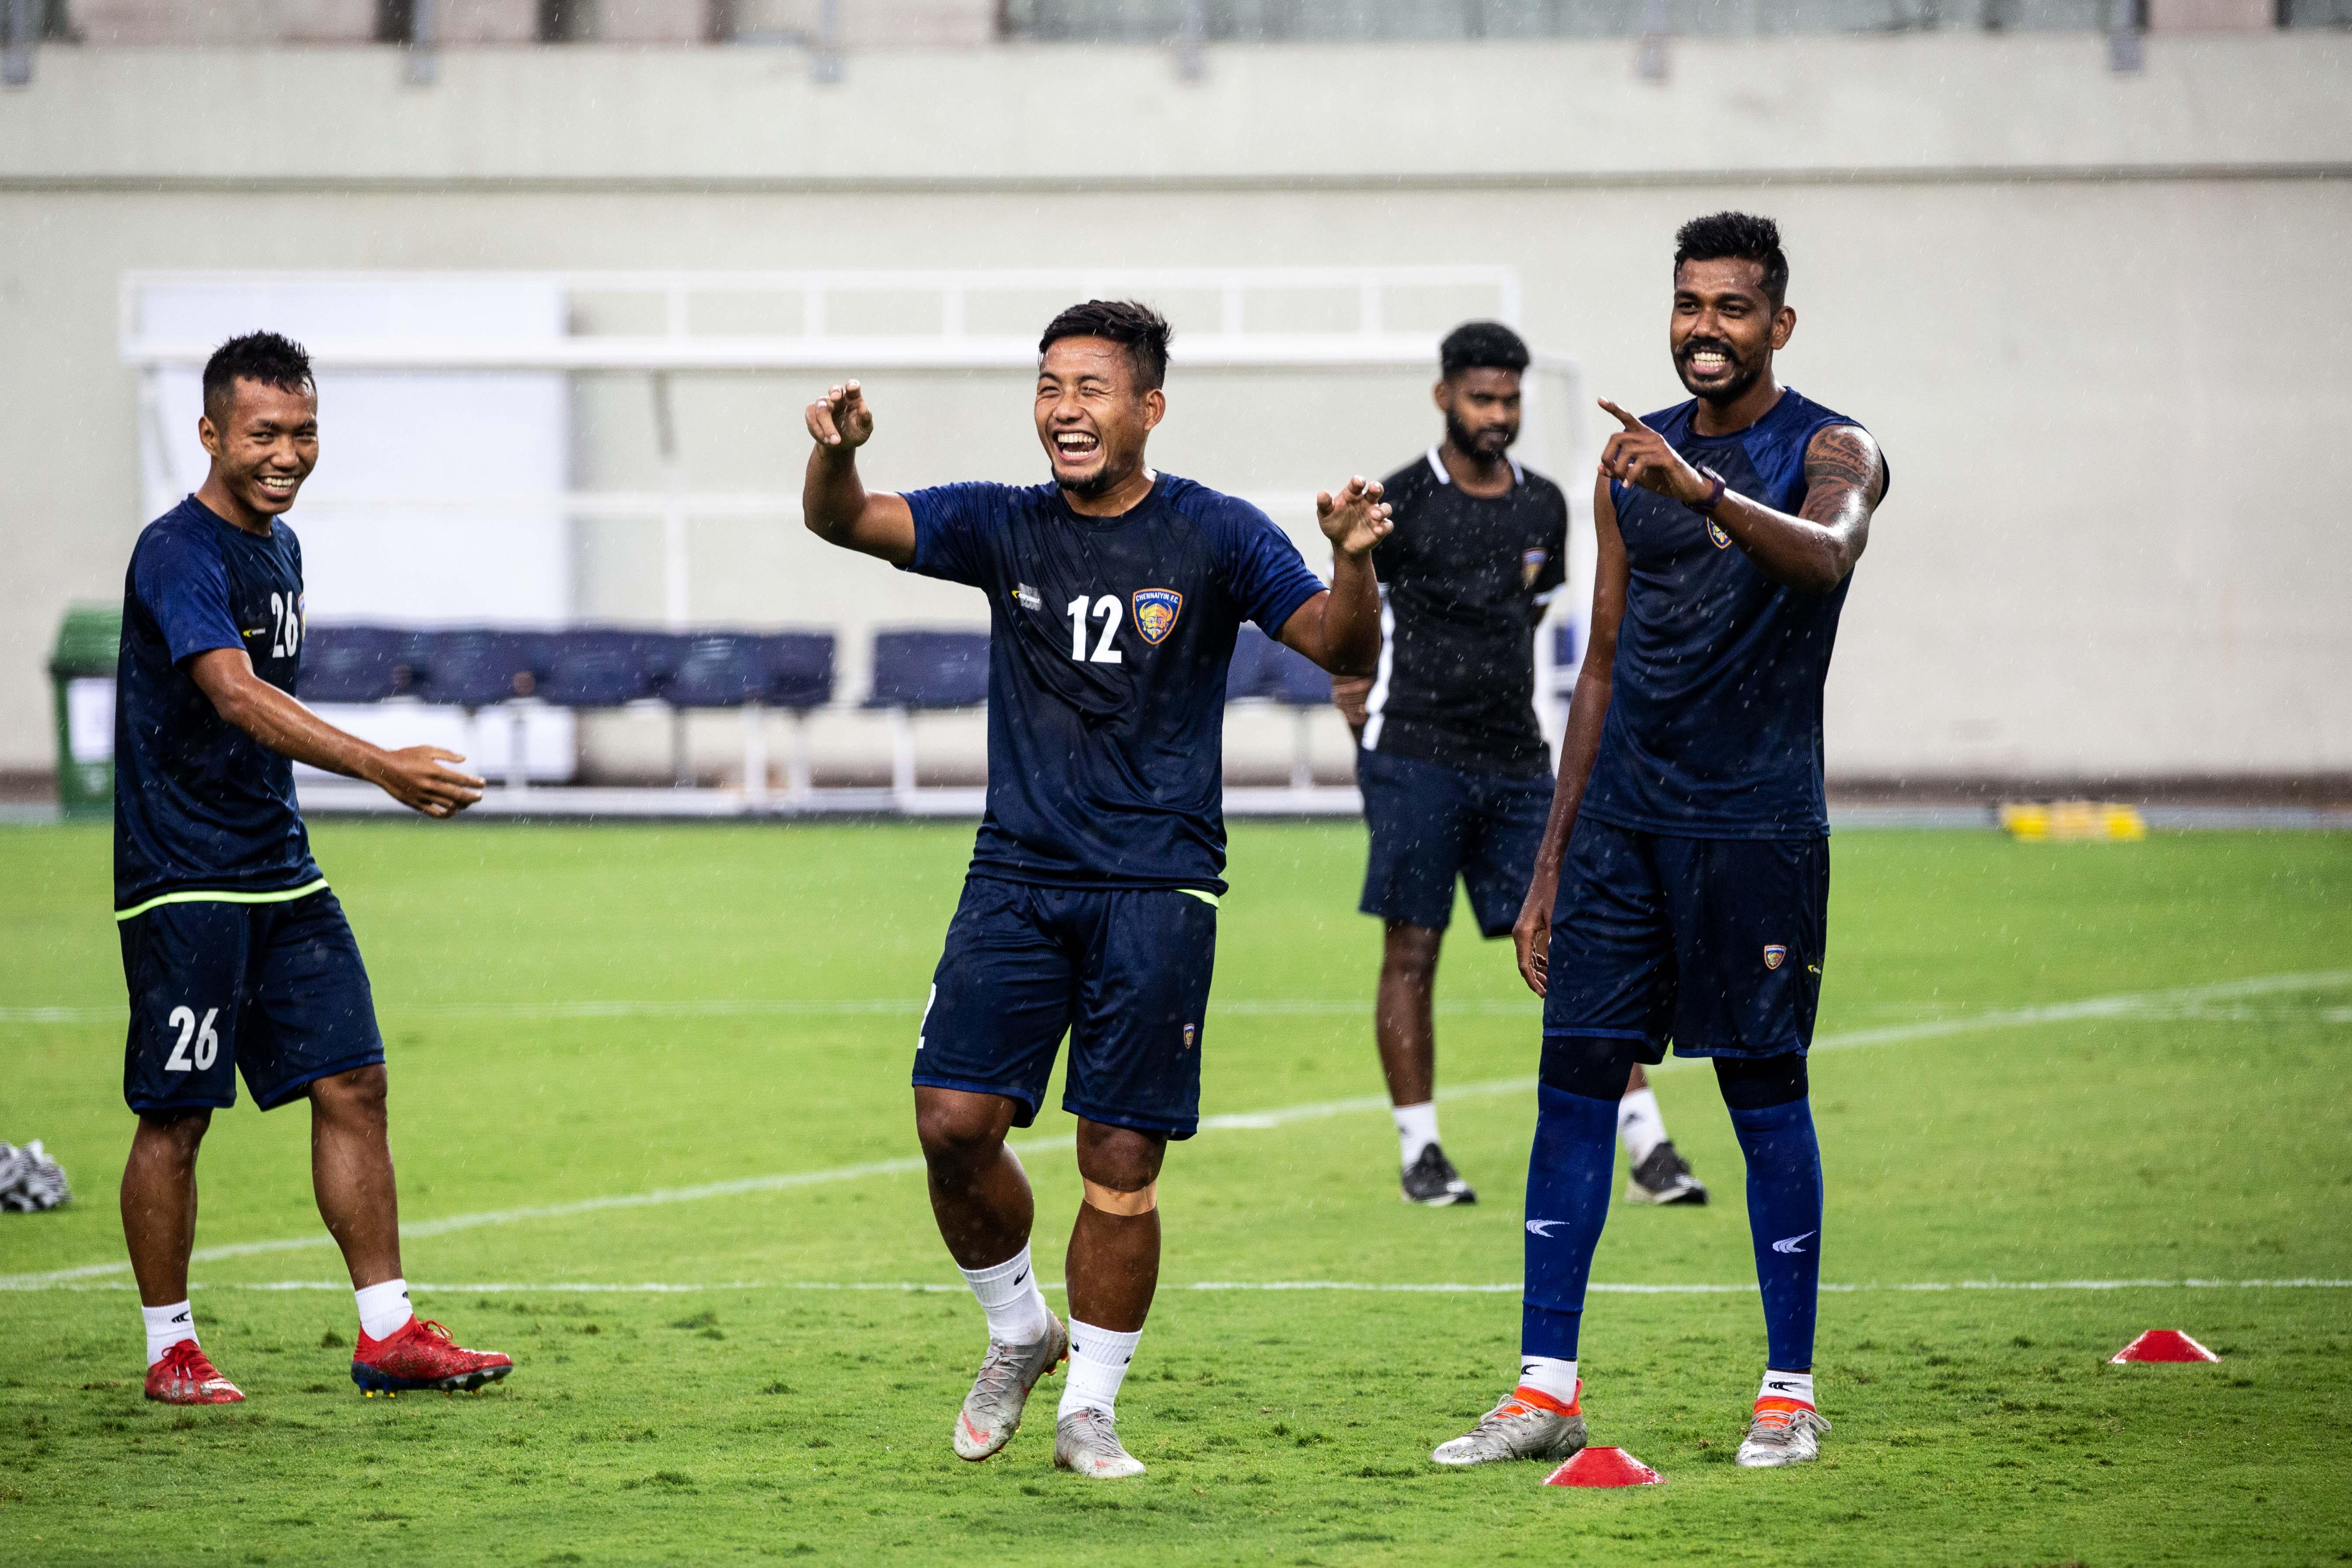 Chennaiyin FC AFC Cup 2019